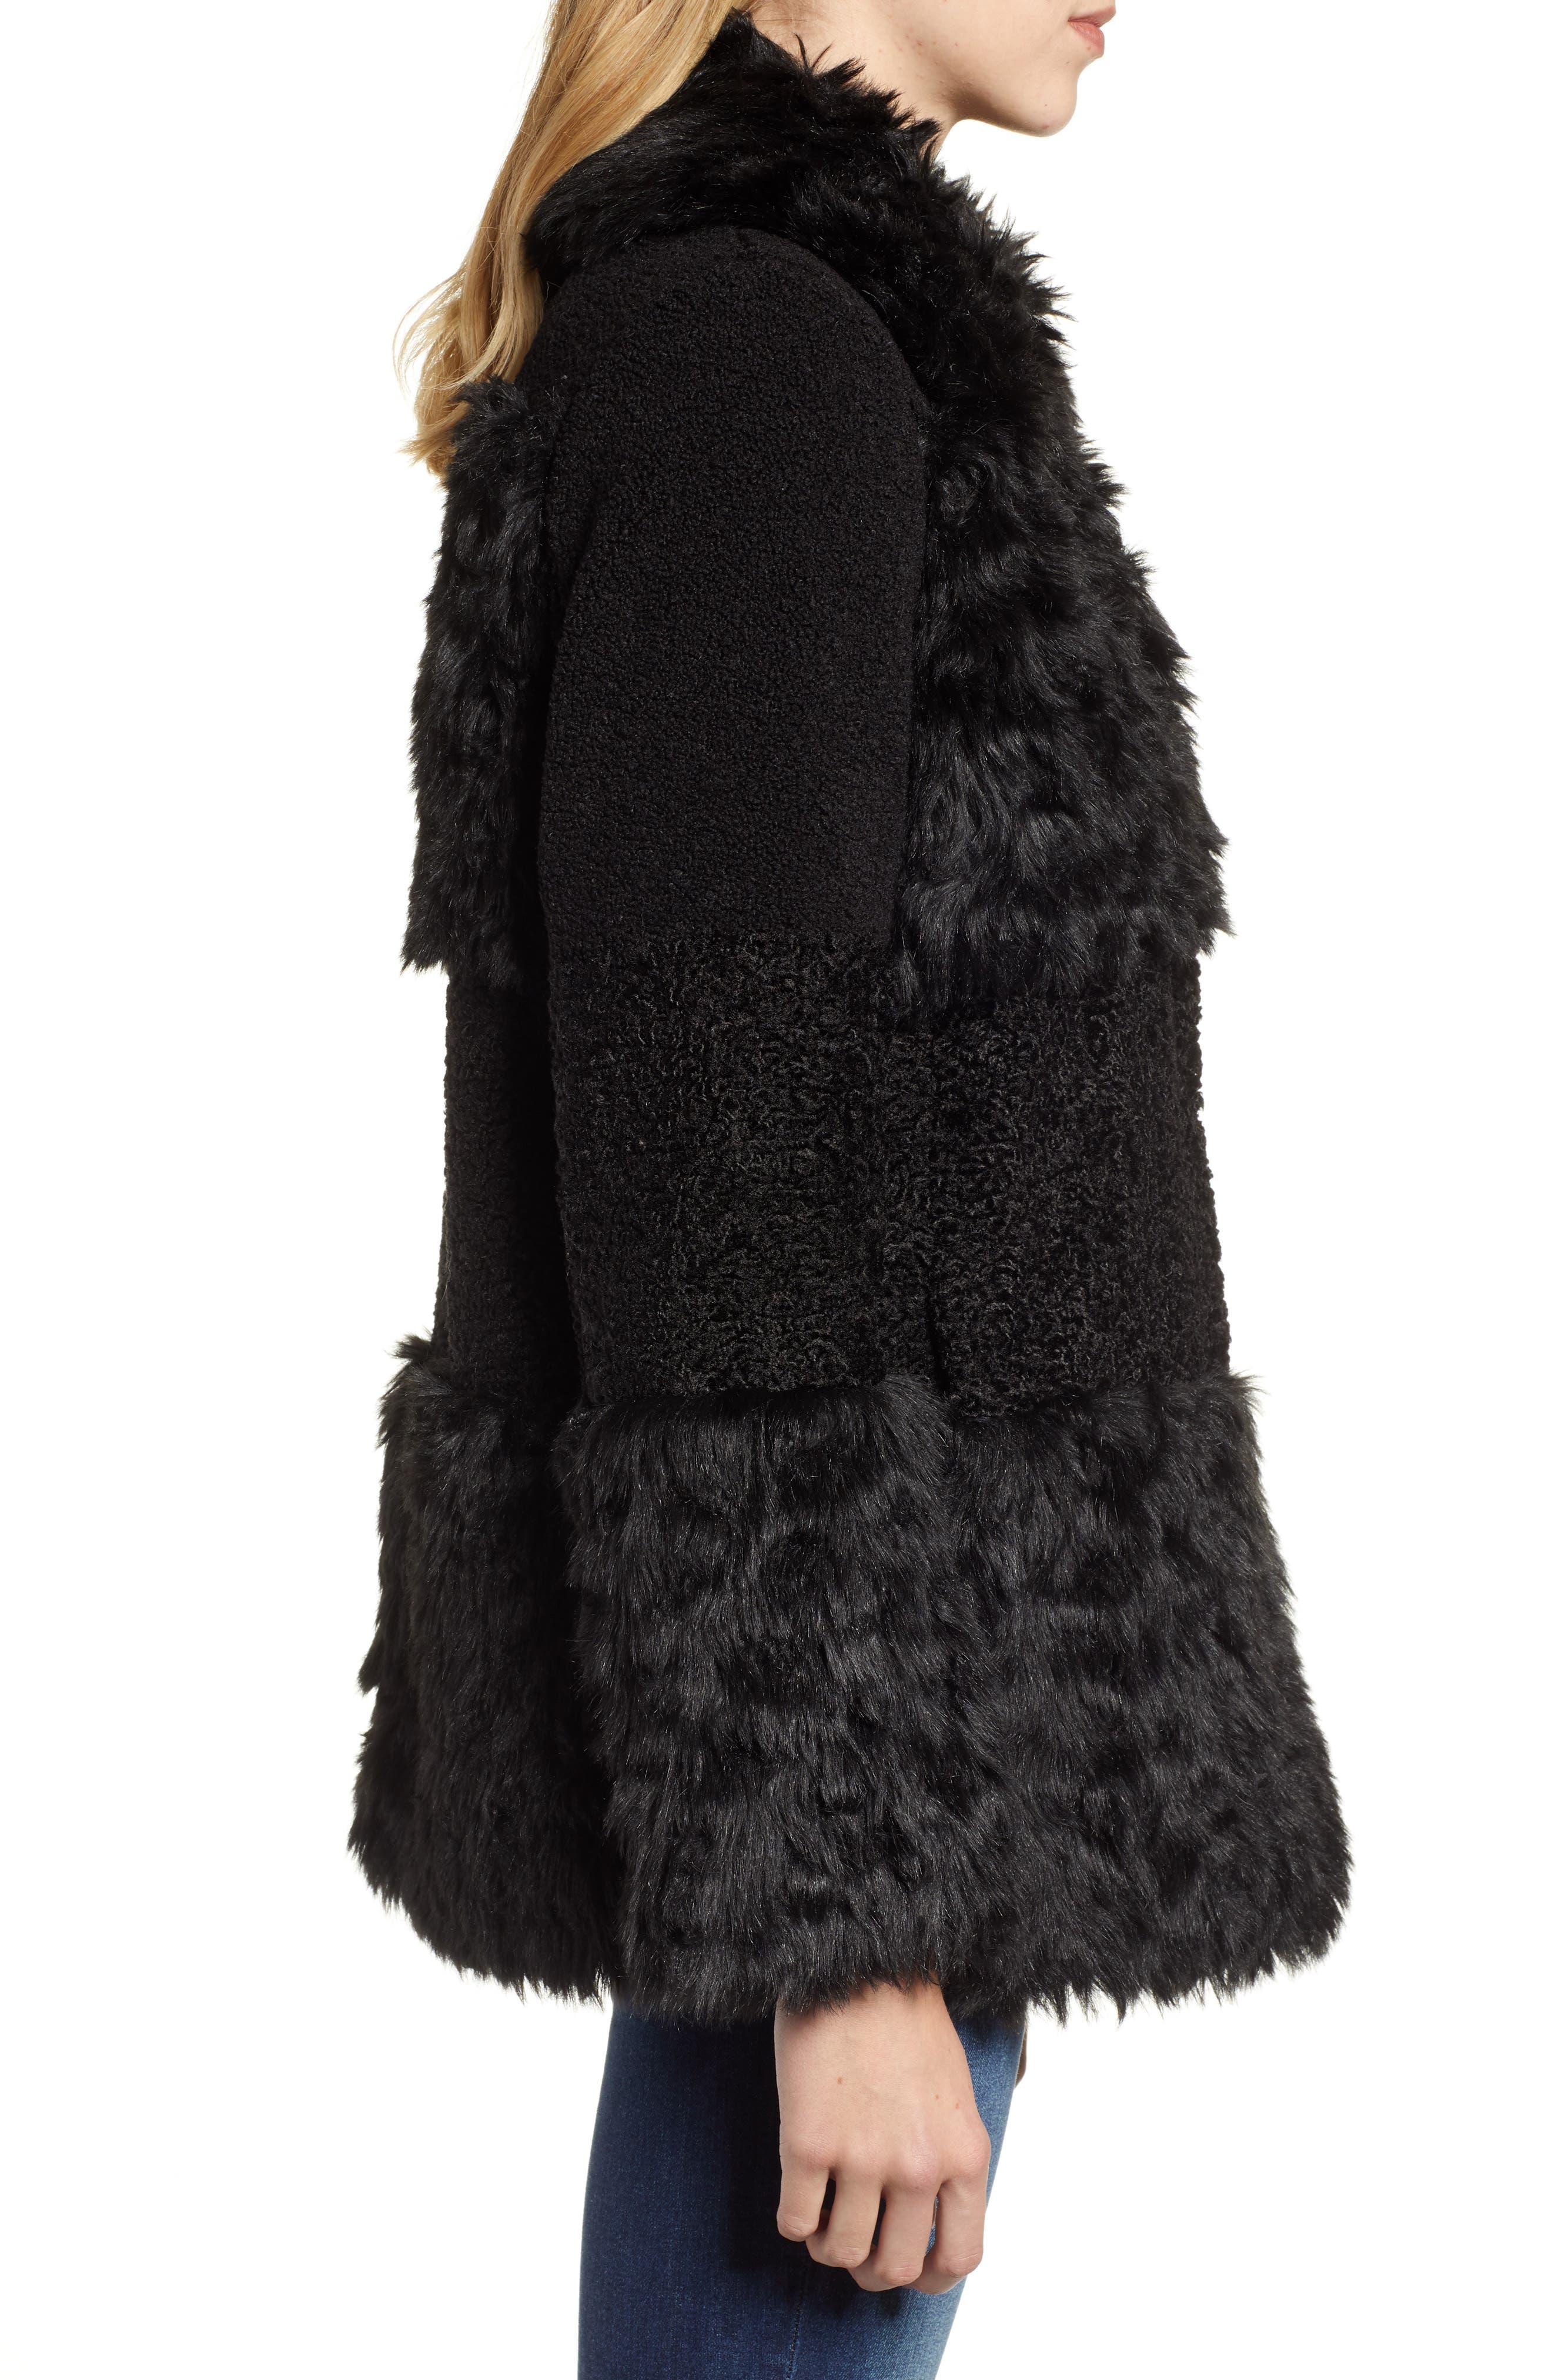 KENSIE, Faux Fur Patchwork Coat, Alternate thumbnail 4, color, 001